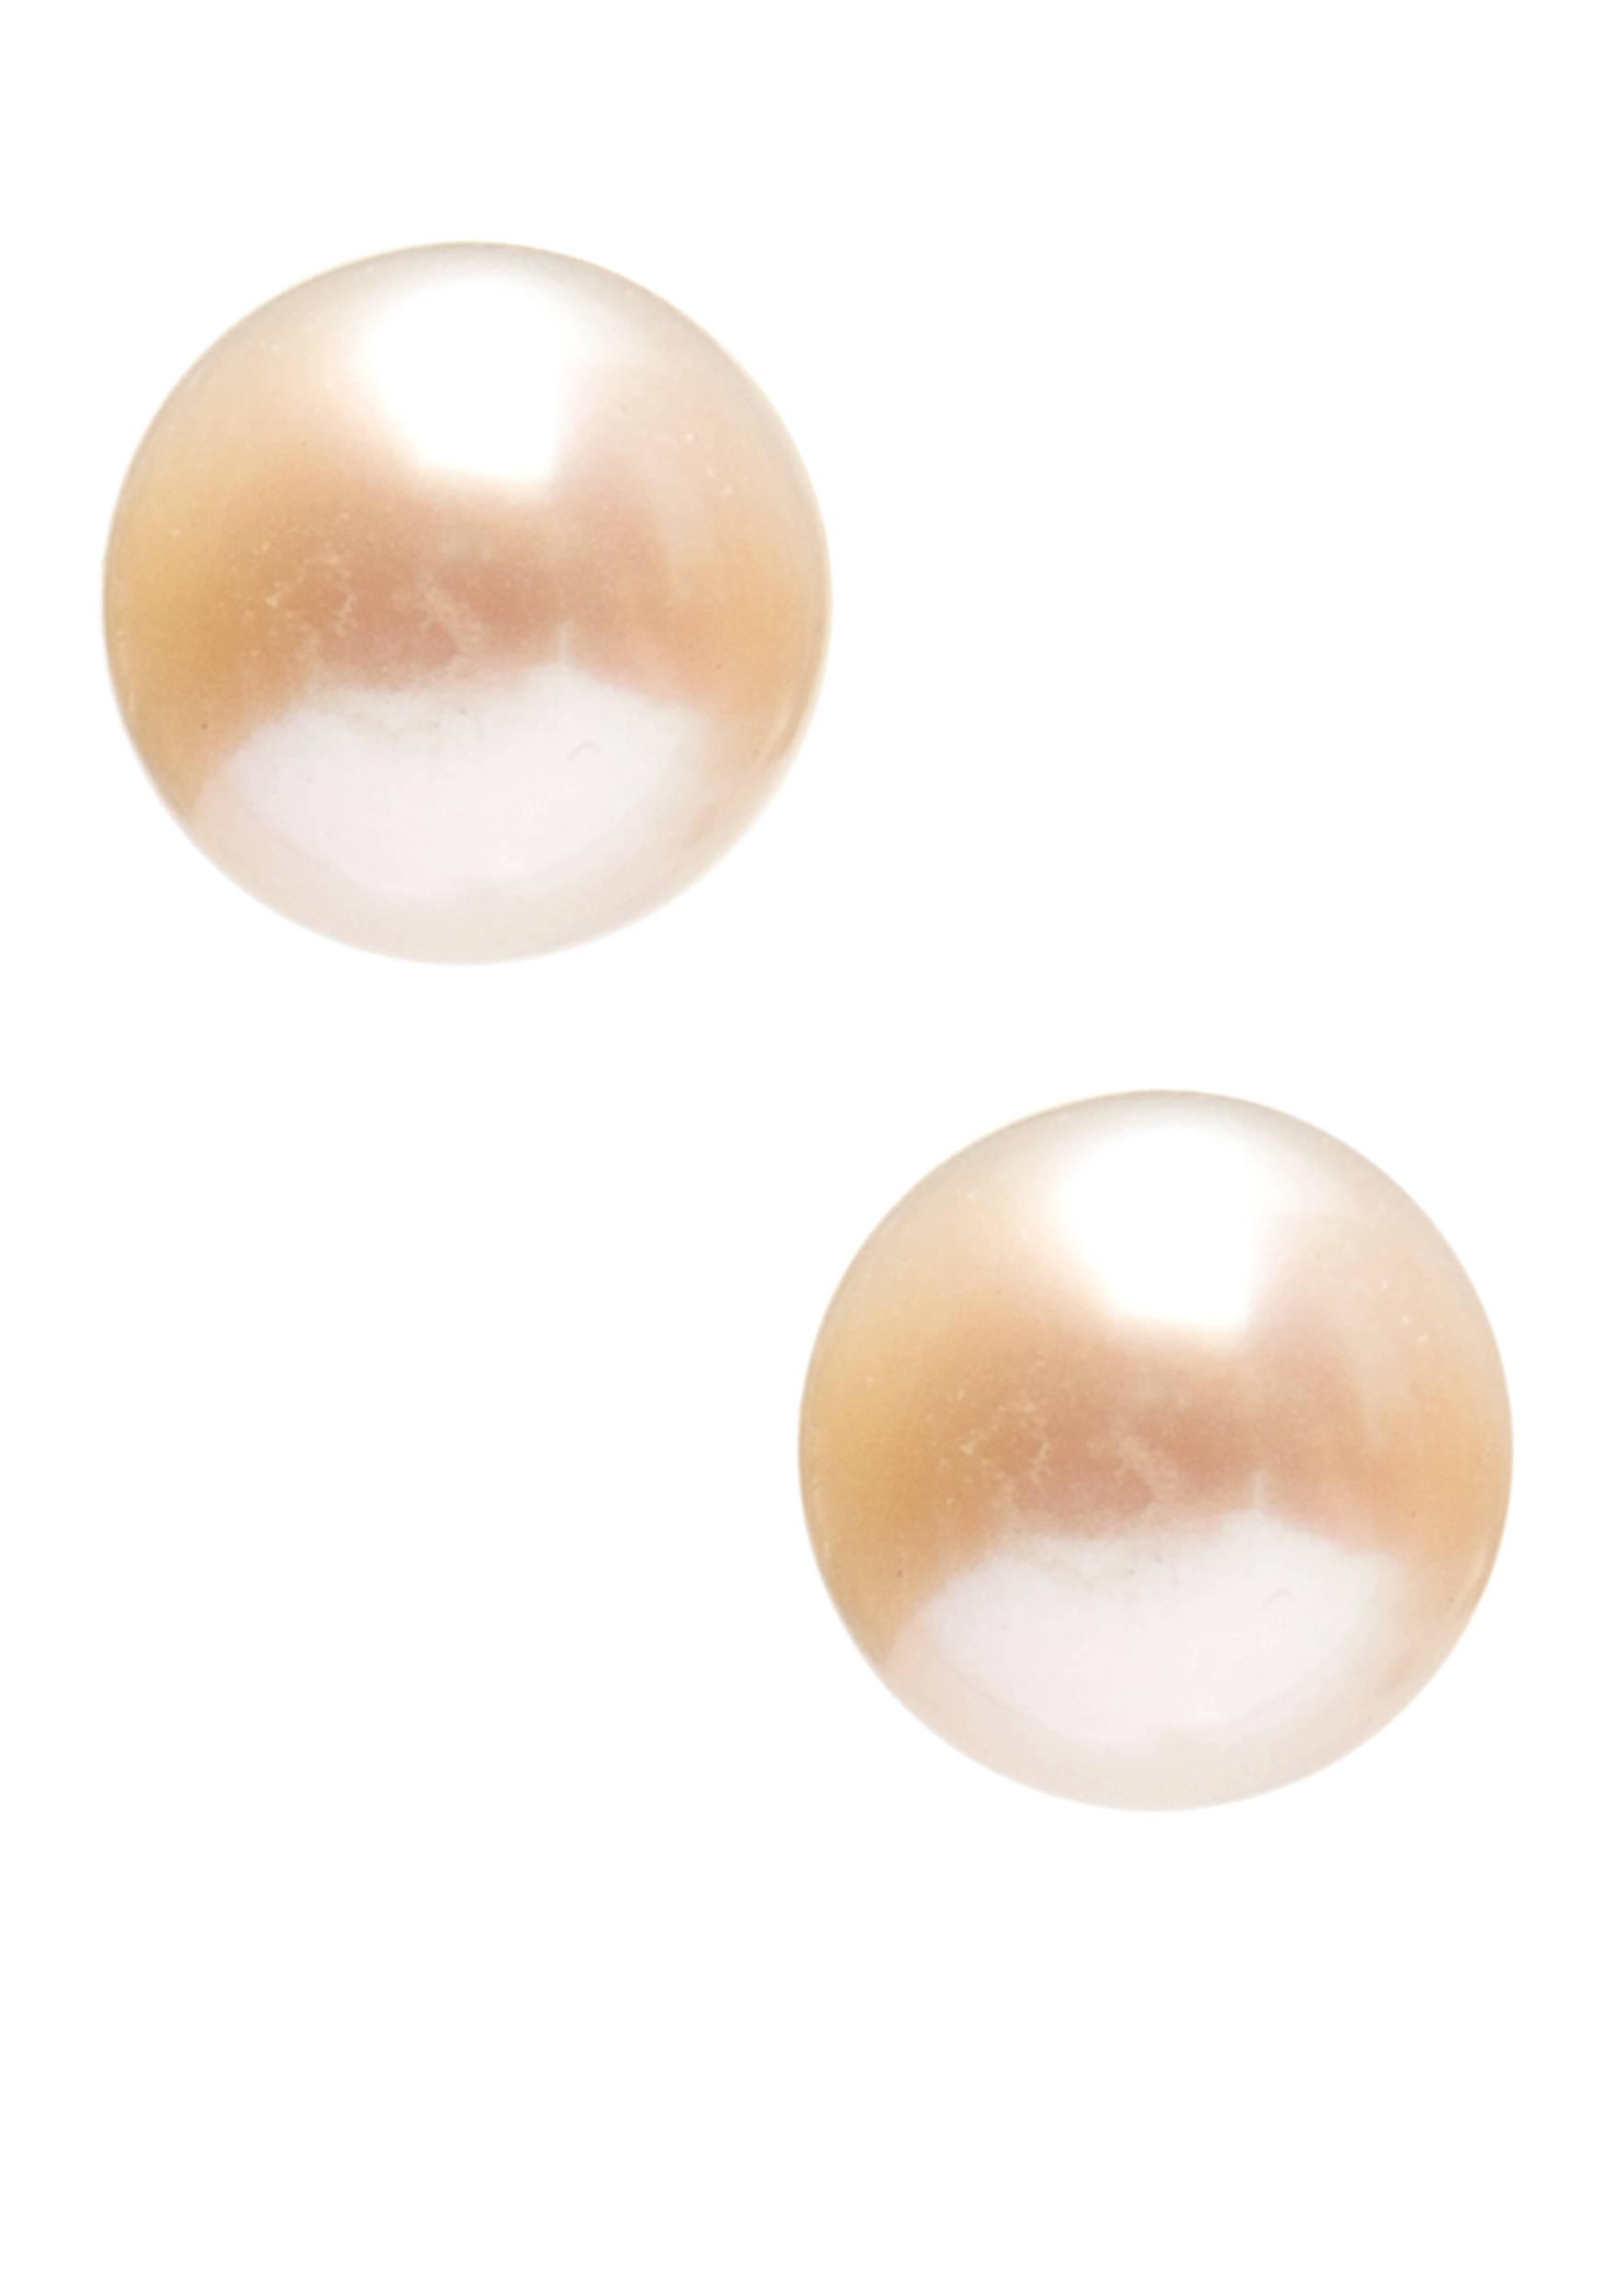 Belk Silverworks Sterling Silver Pearl Stud Earrings 580028396035 Images